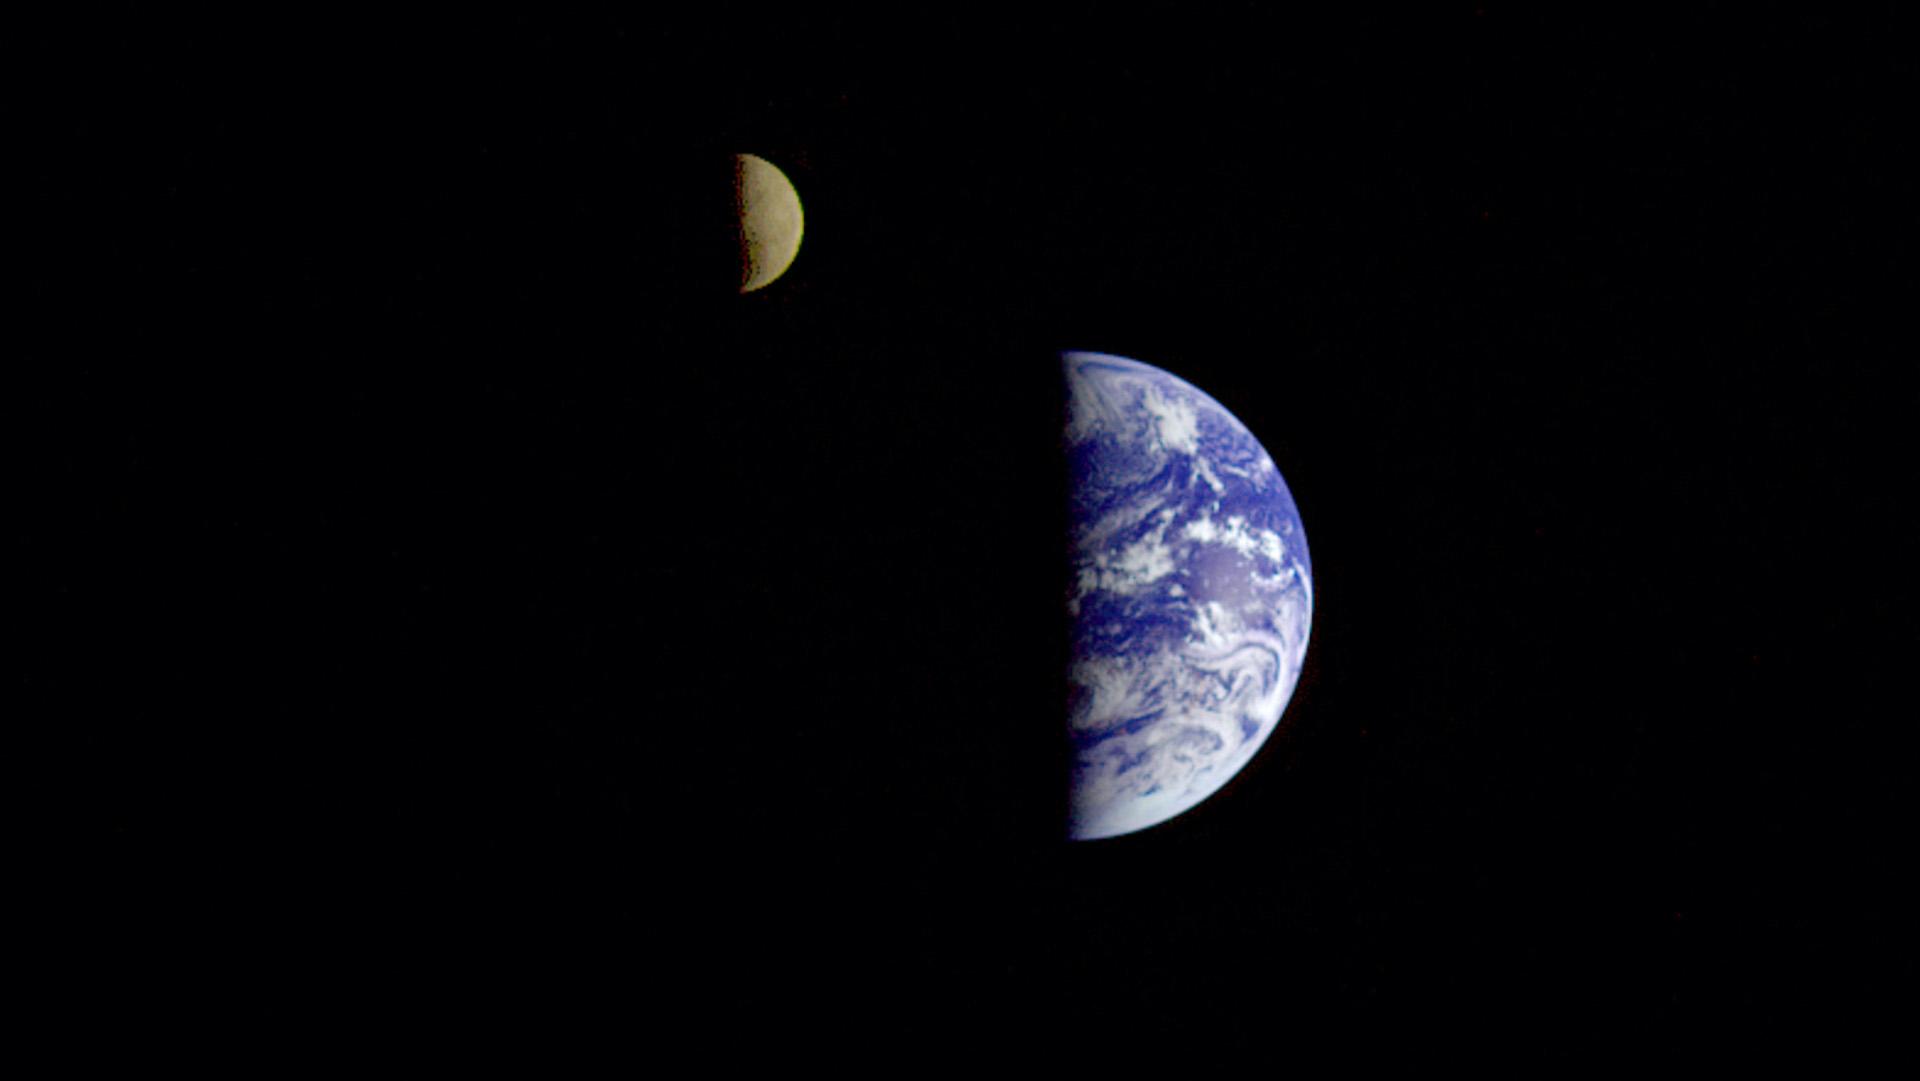 ¿Cómo se escriben Tierra, Luna y Sol? ¿Con mayúscula o minúscula?